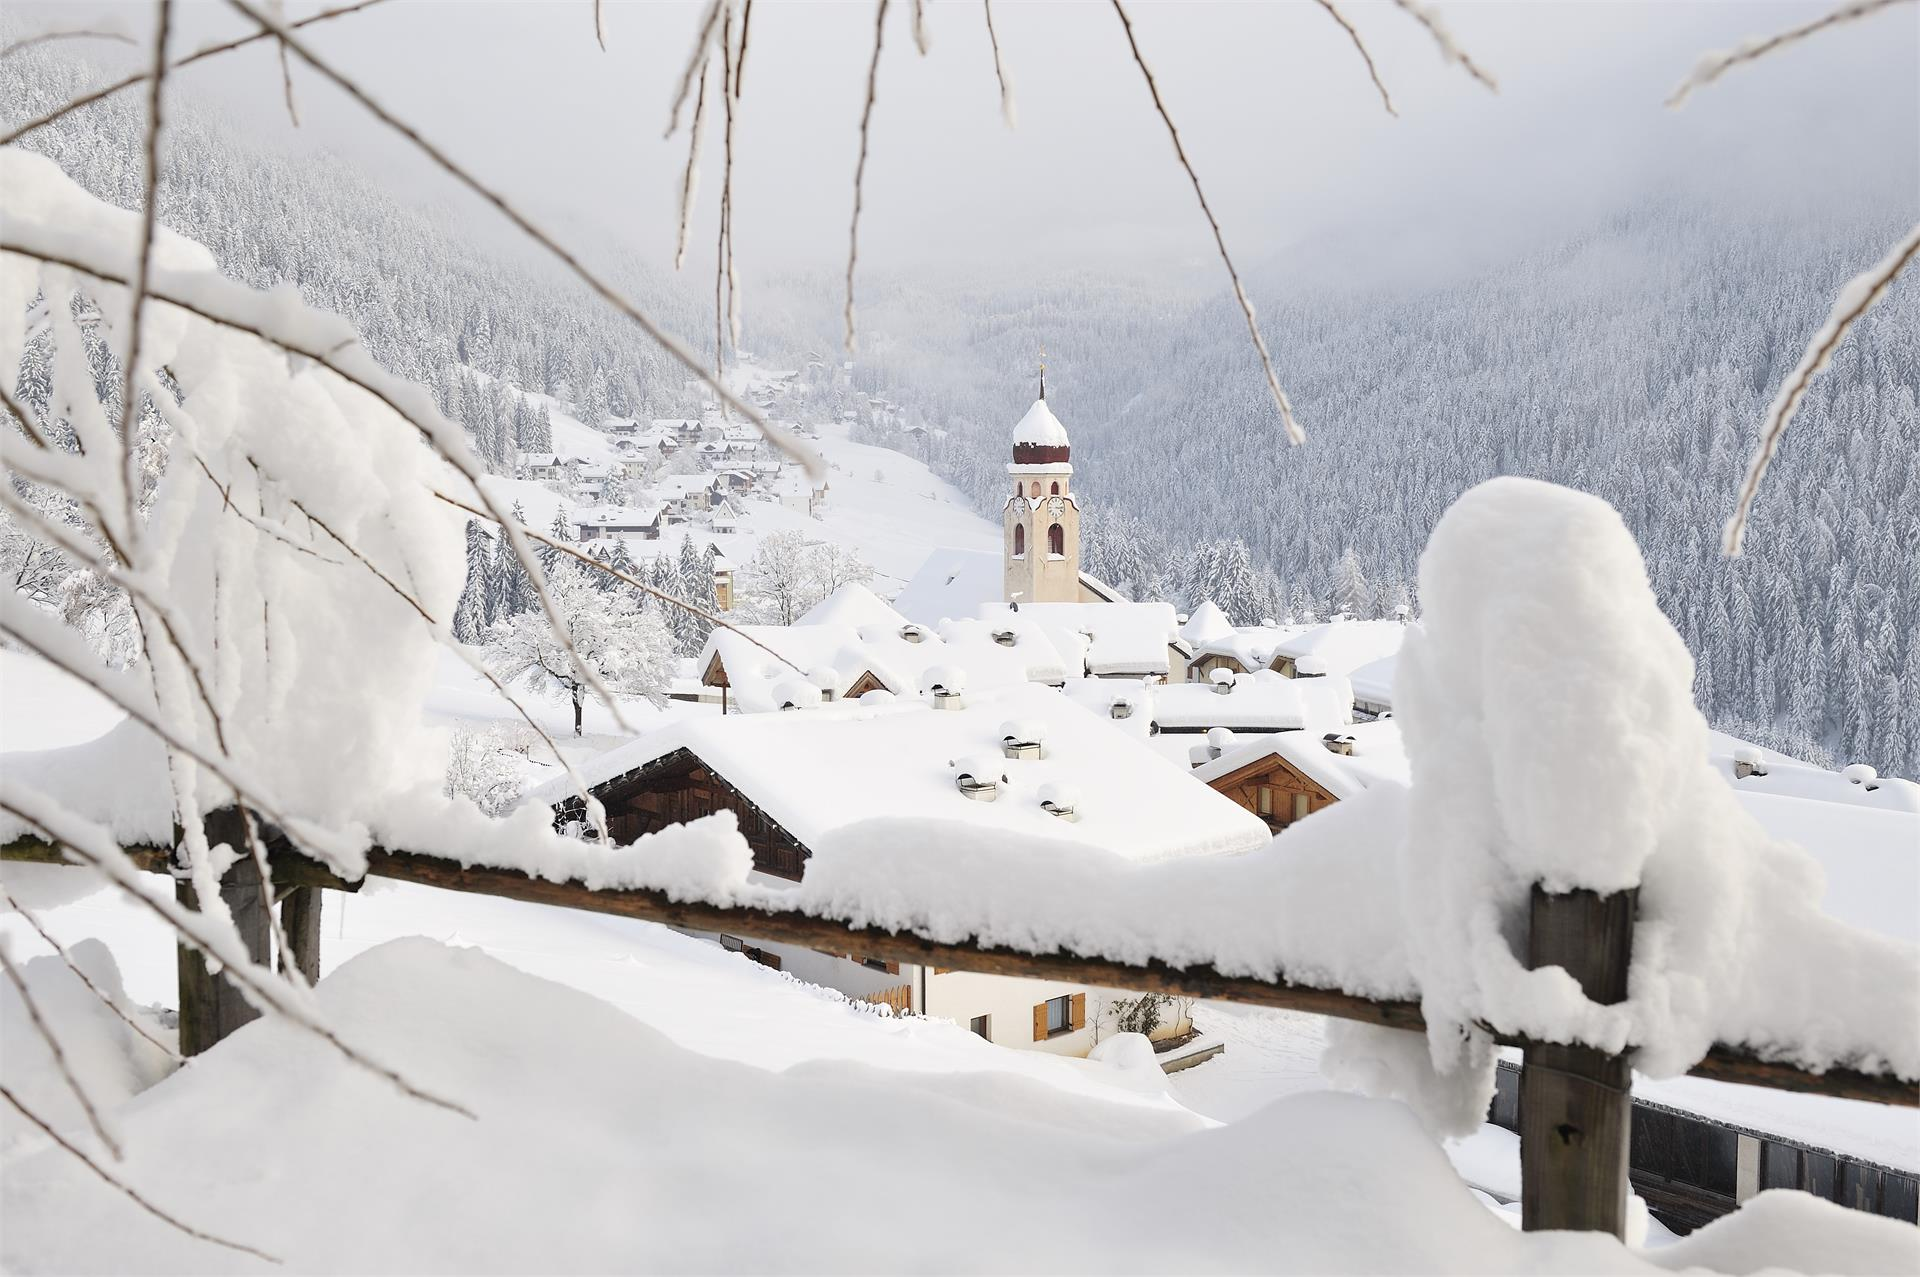 Winterlandschaft Welschnofen